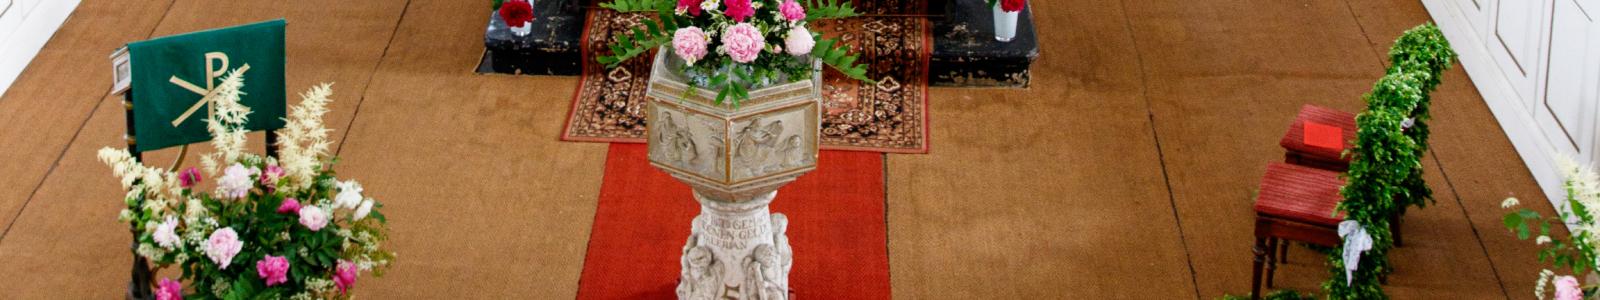 Trauung oder Gottesdienst zur Eheschließung